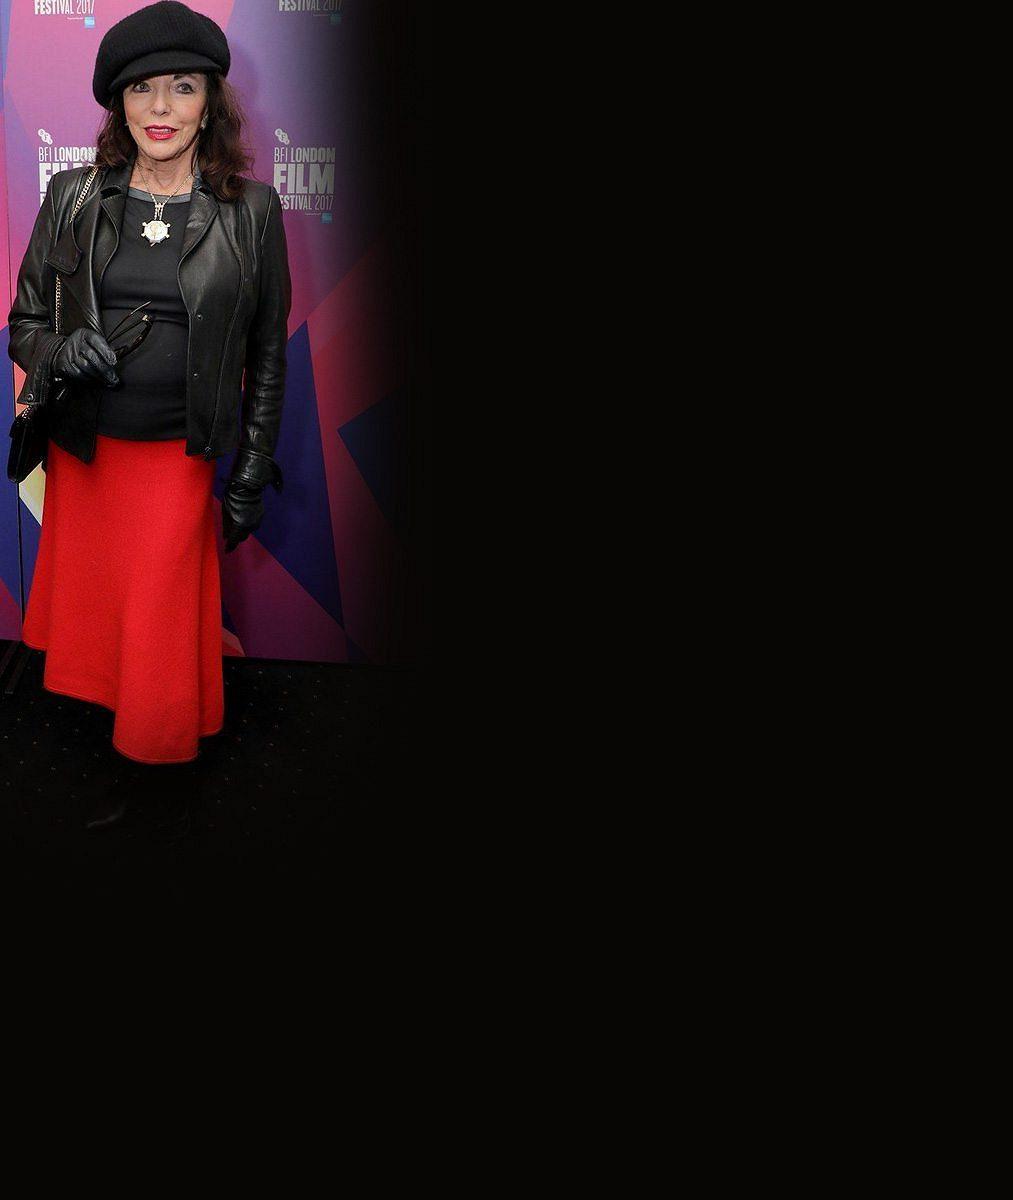 Konečně se neobléká jako Alexis zDynastie: Joan Collins (84) ve šmrncovním outfitu omládla ocelou generaci